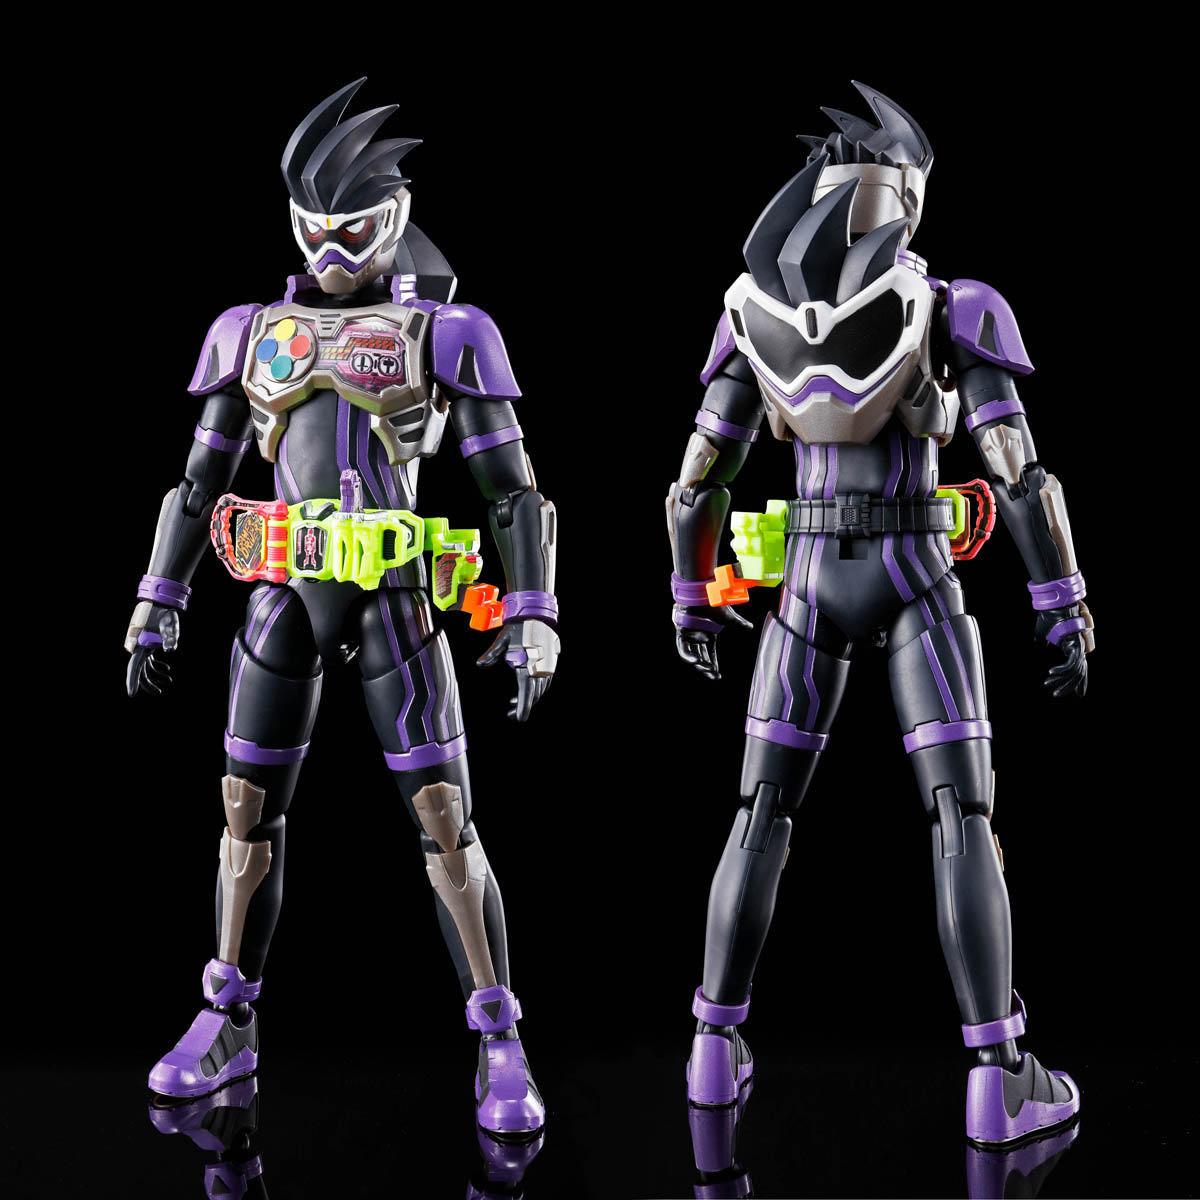 【限定販売】Figure-rise Standard『仮面ライダーゲンム アクションゲーマー レベル2』プラモデル-002